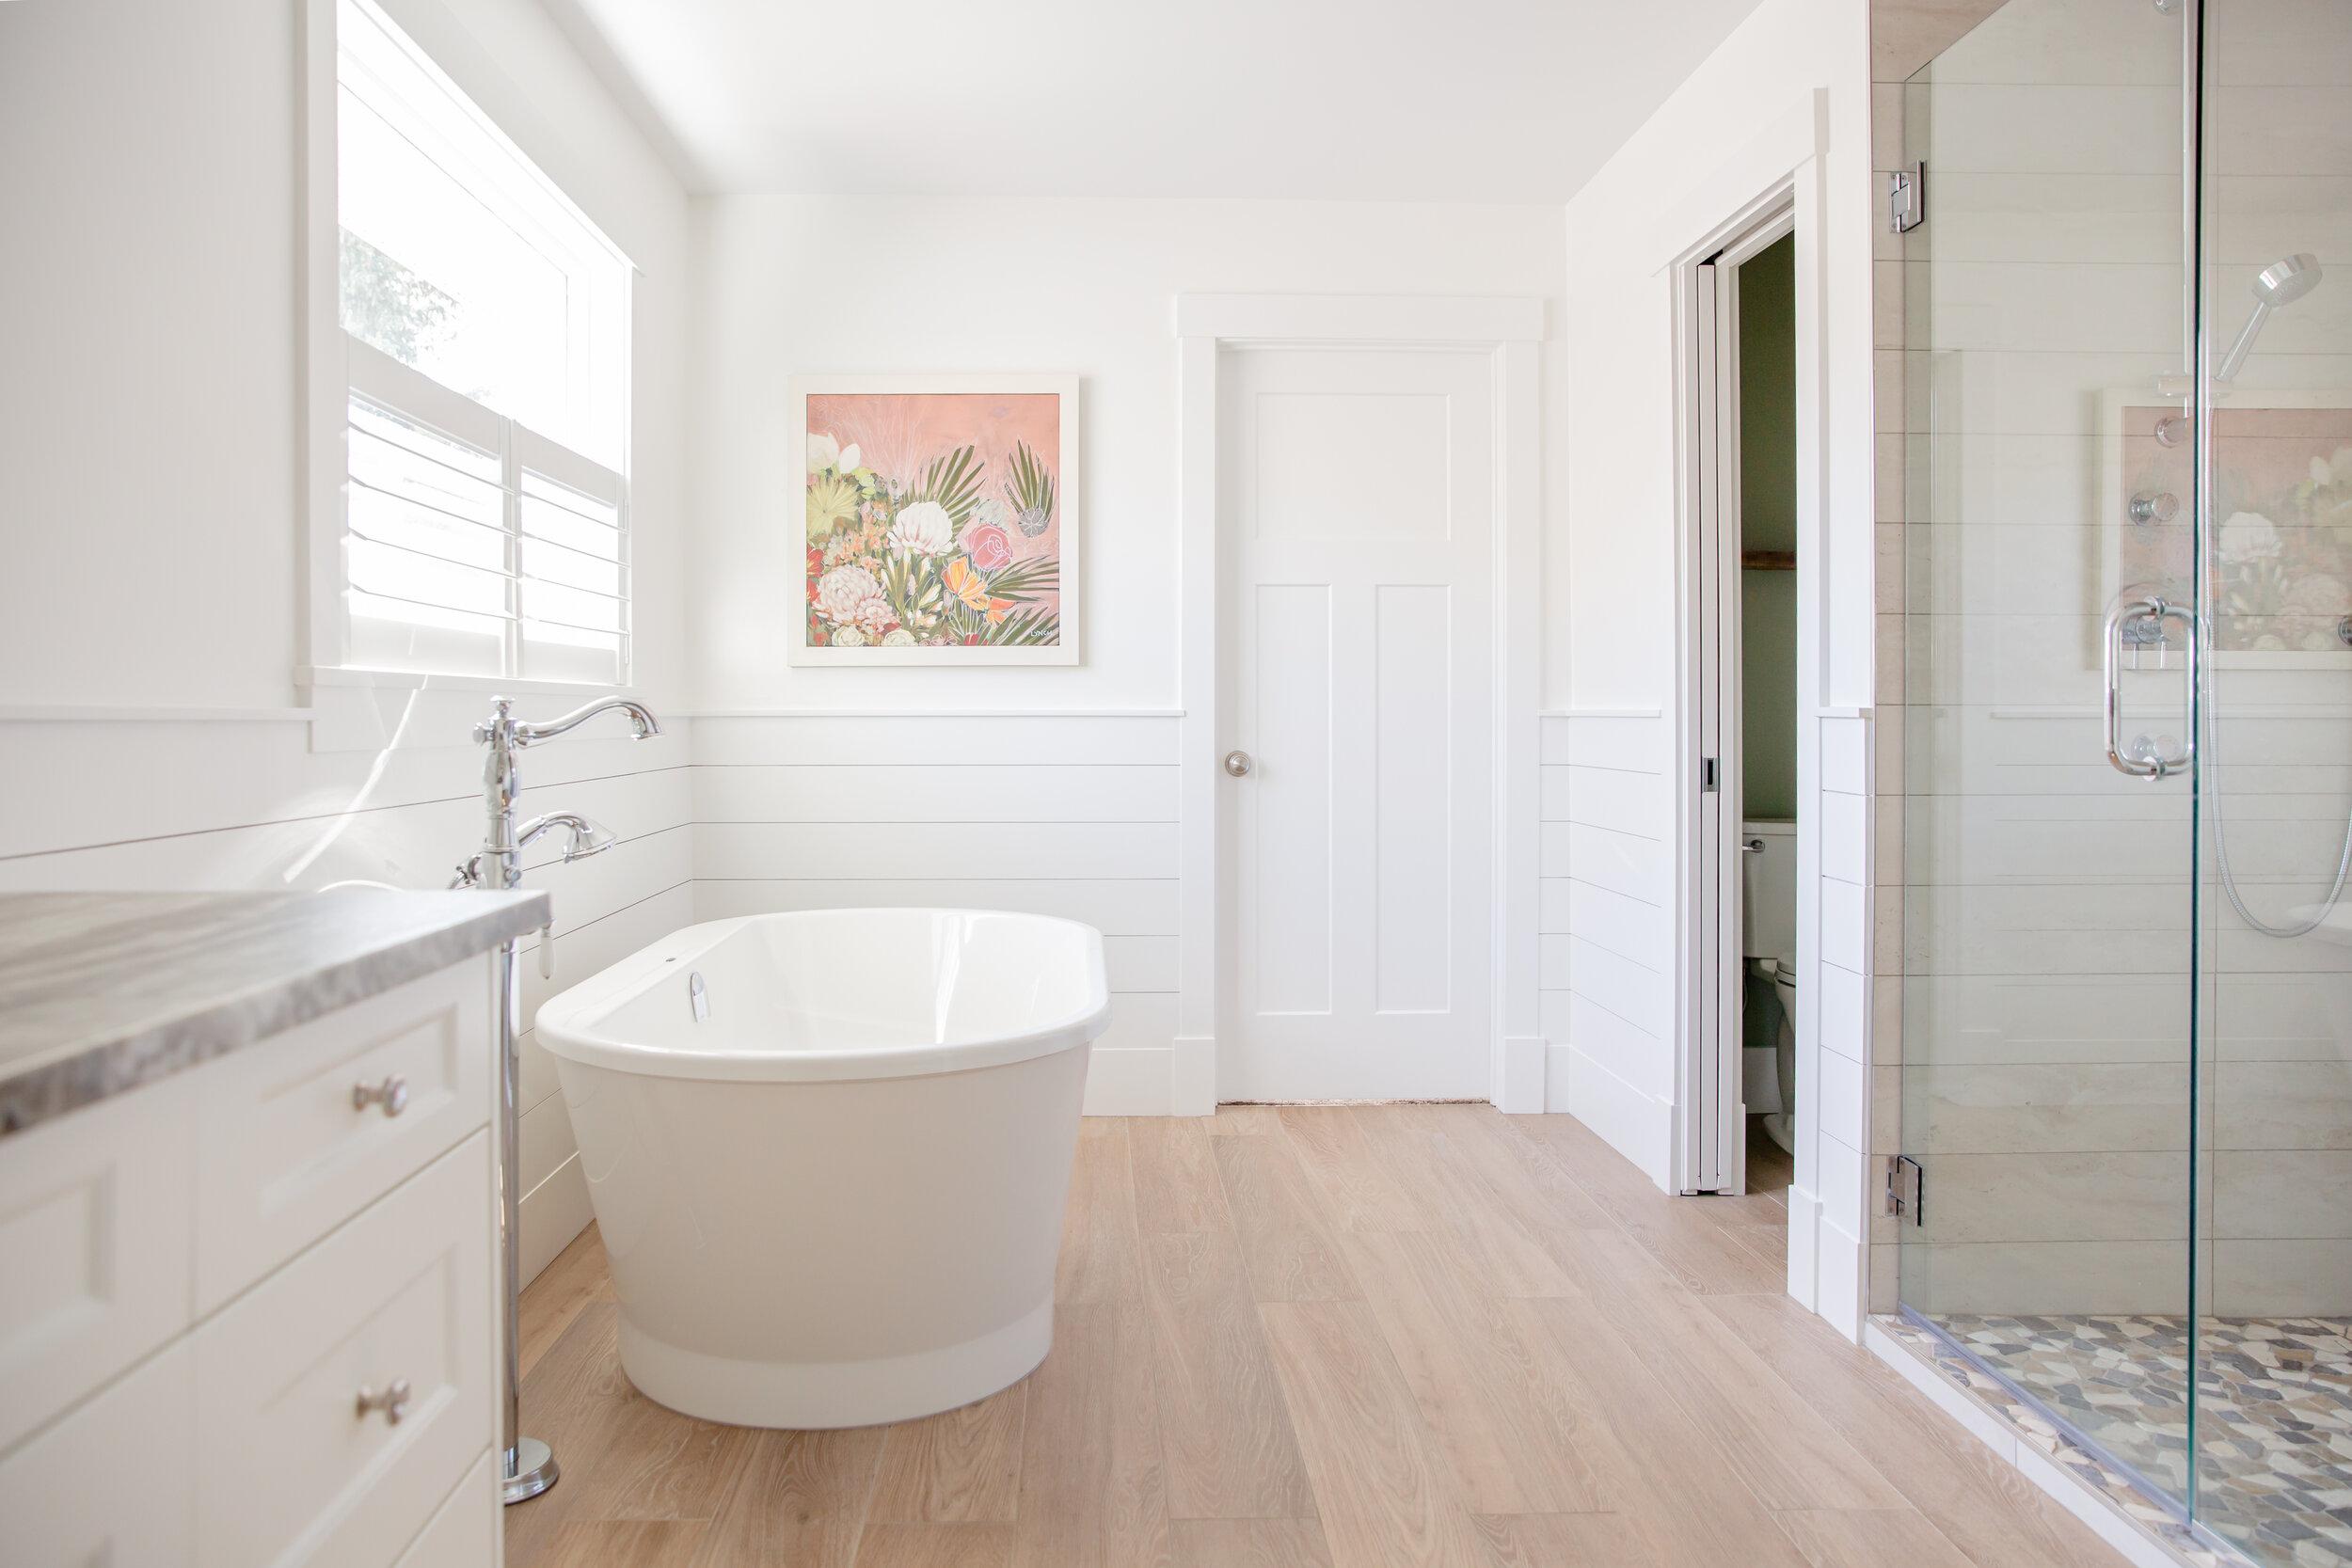 mural-bathroom-14.jpg